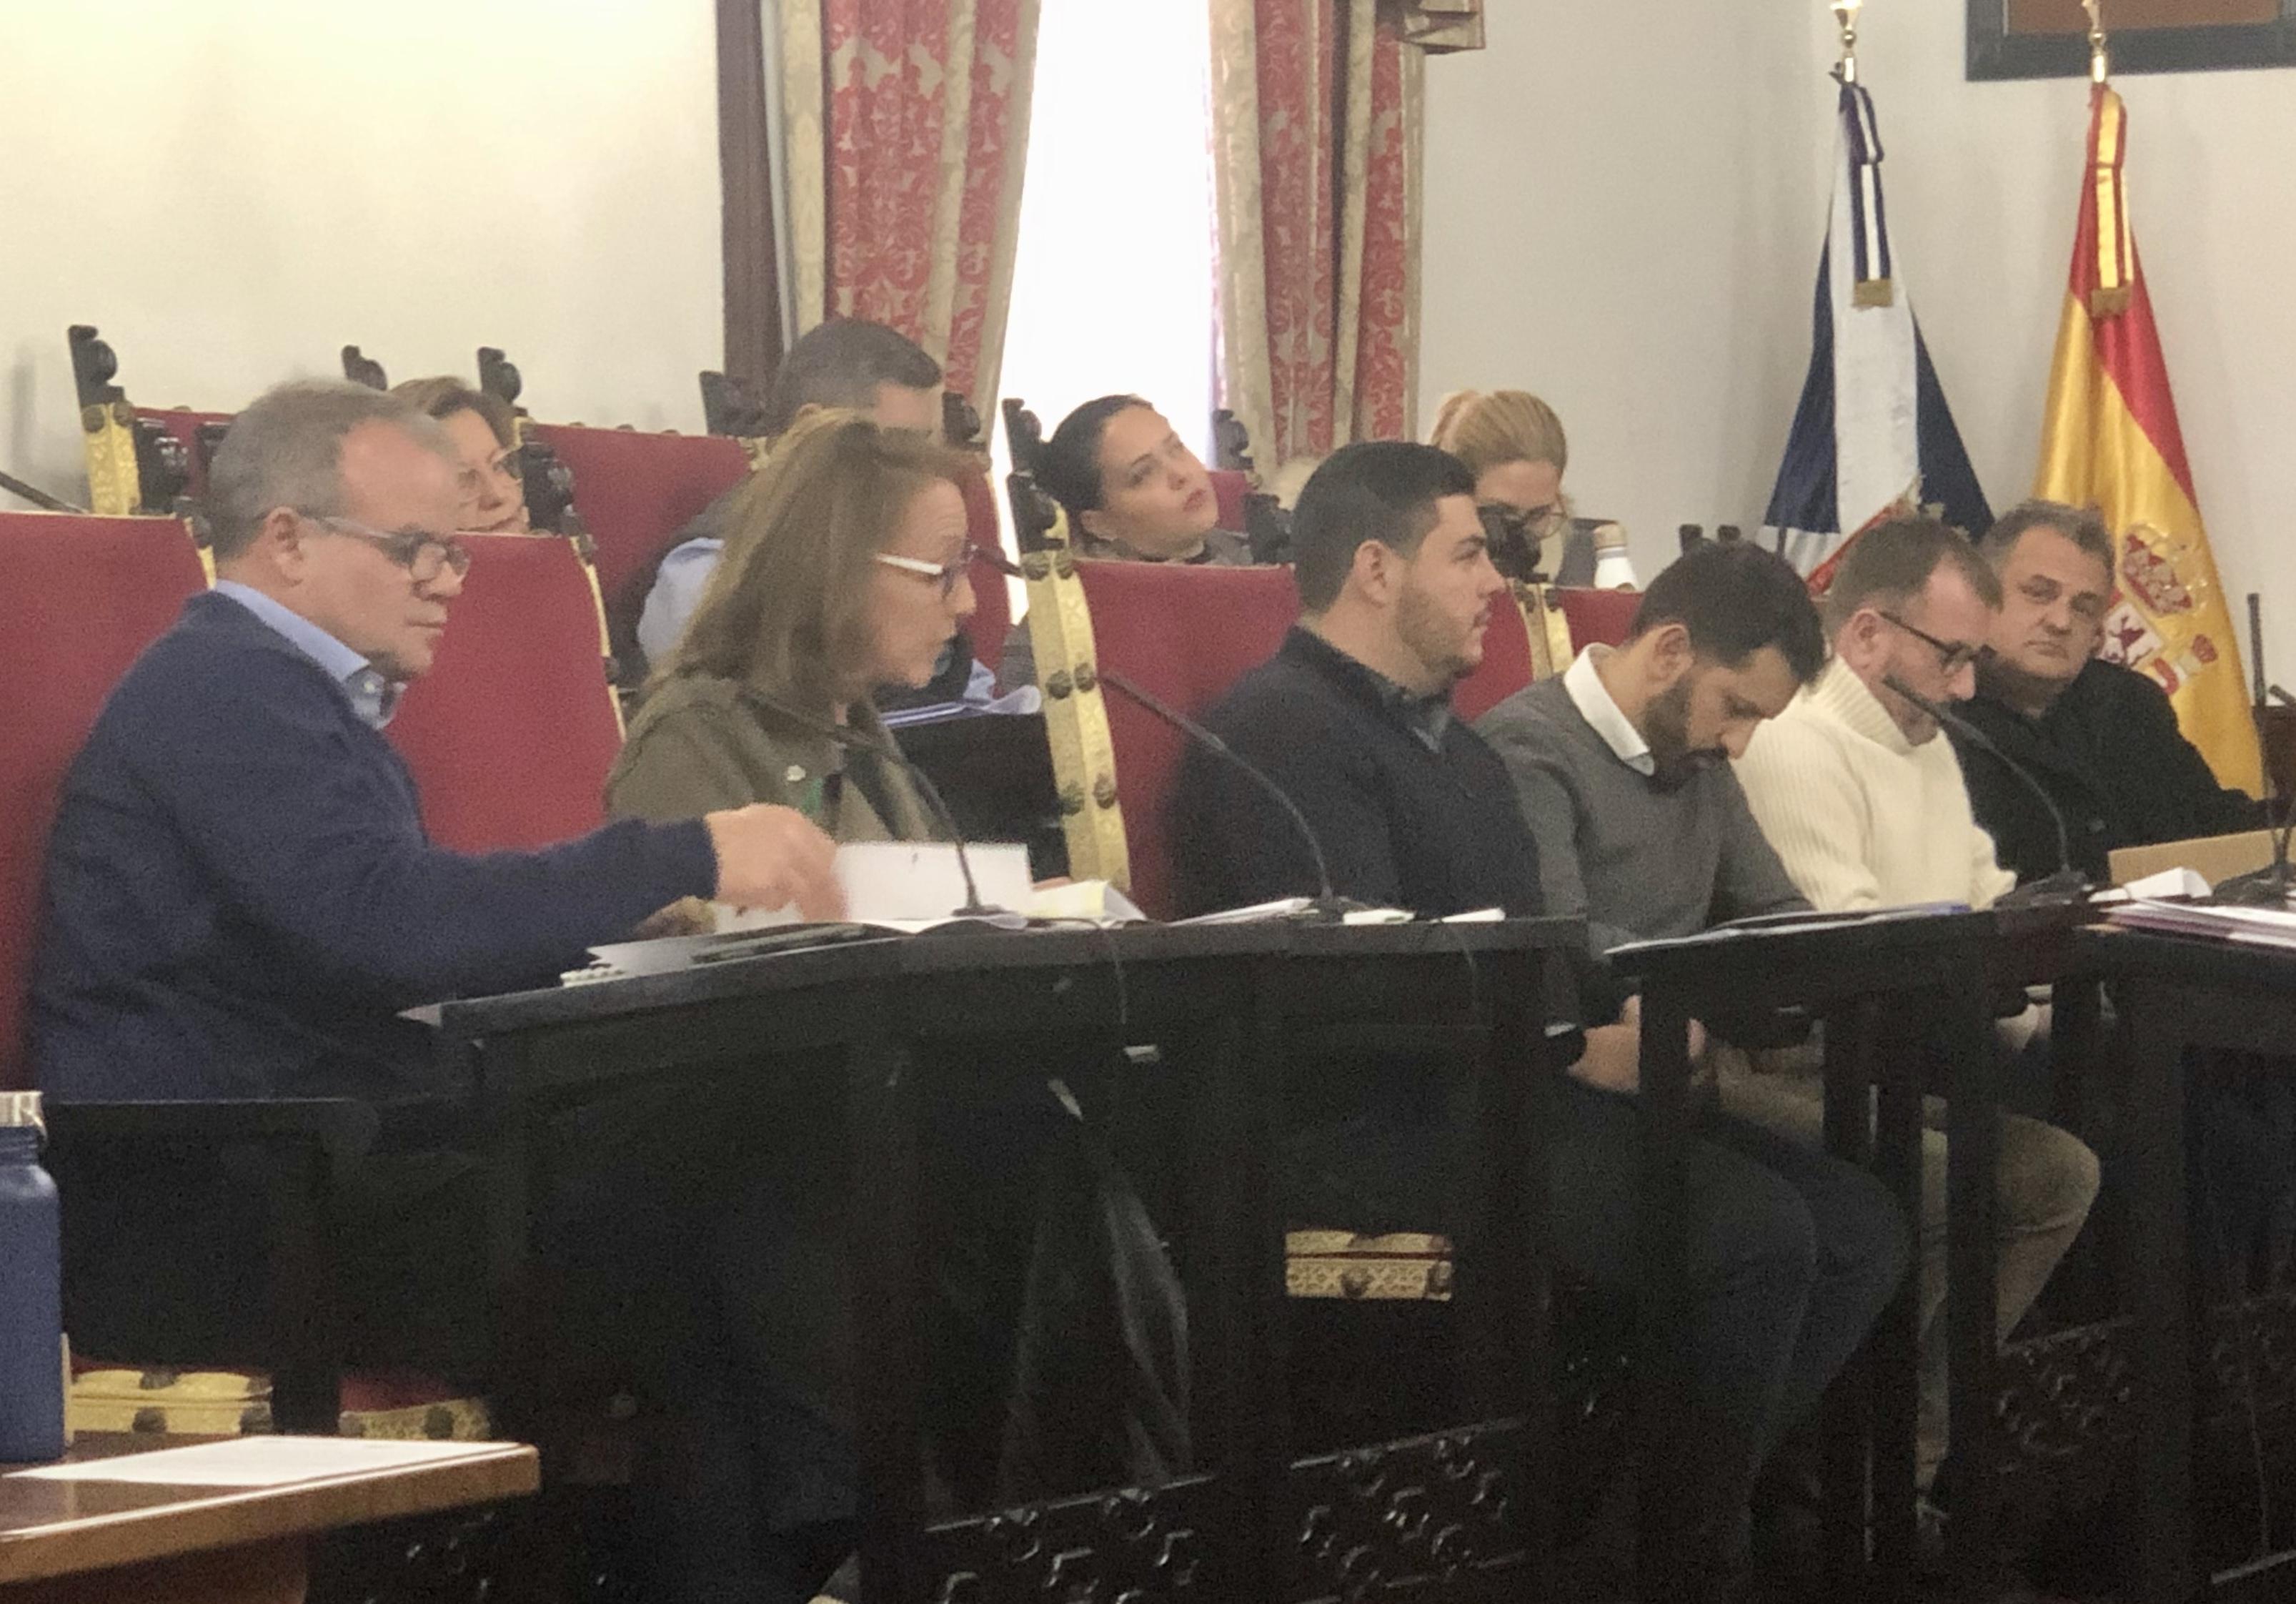 El Partido Popular de La Laguna solicita que se amplíen los espacios reservados para personas con movilidad reducida durante los eventos públicos